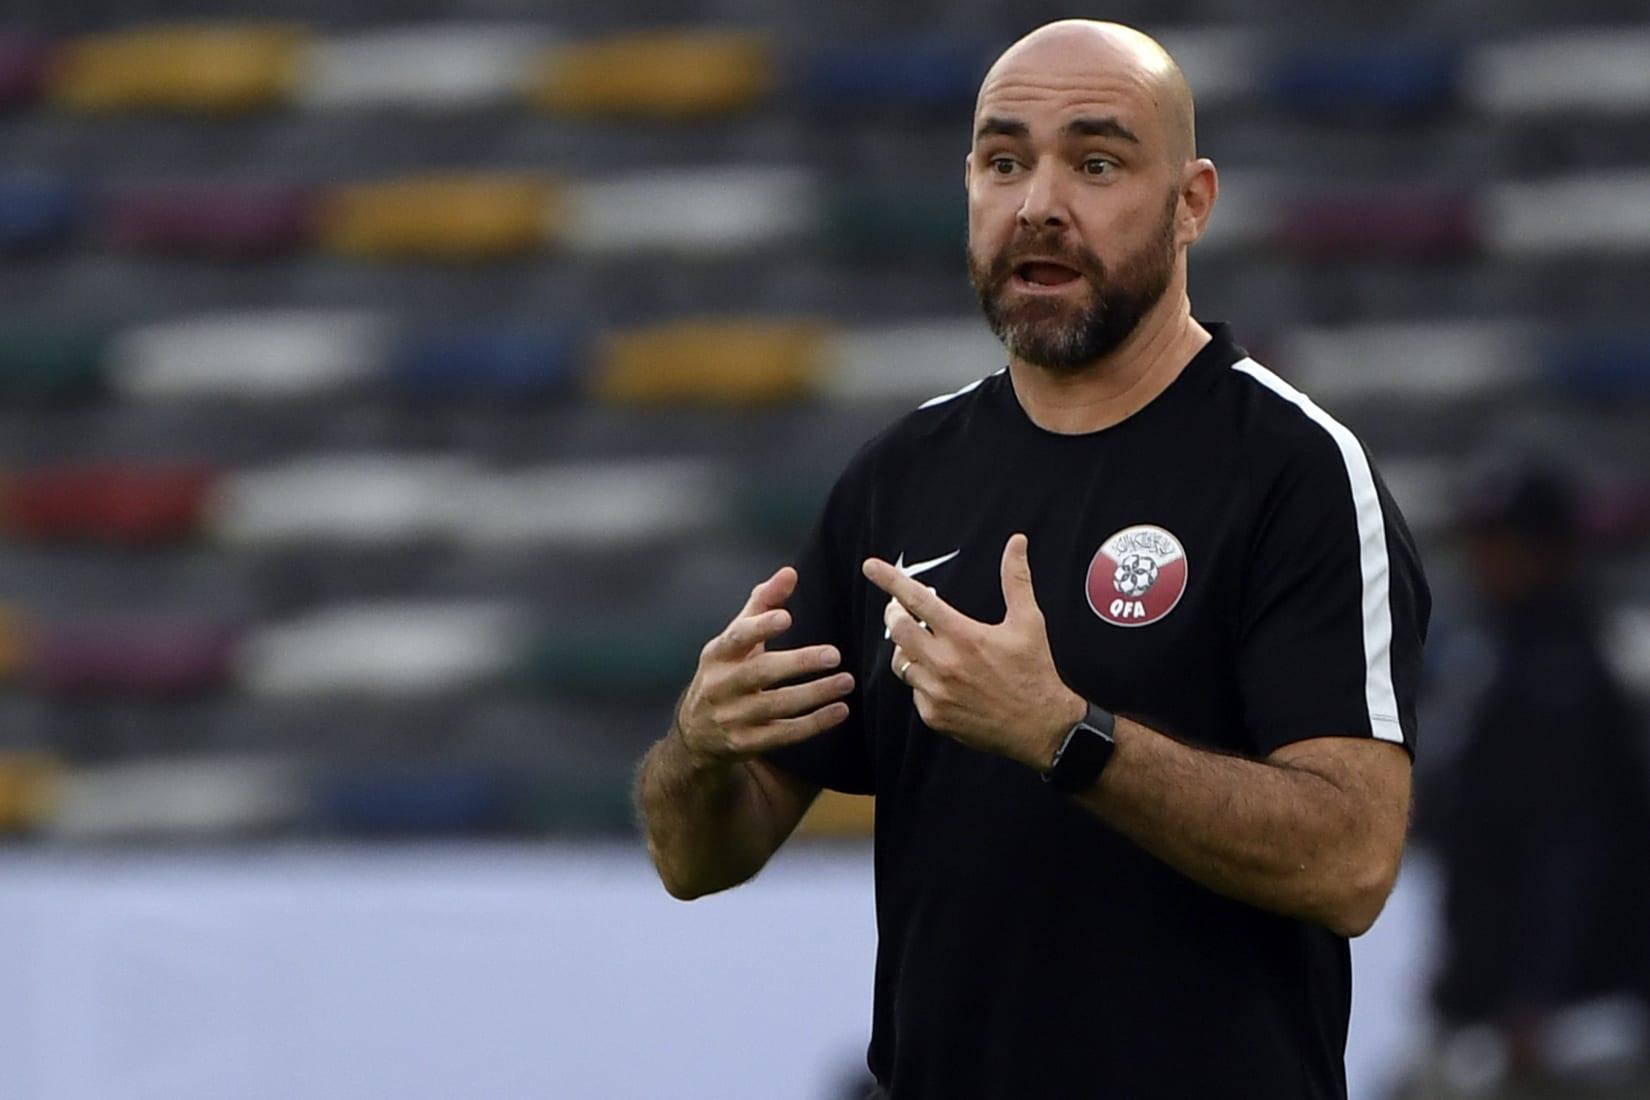 مدرب منتخب قطر:  هدفنا أن نصنع التاريخ أمام اليابان الجمعة